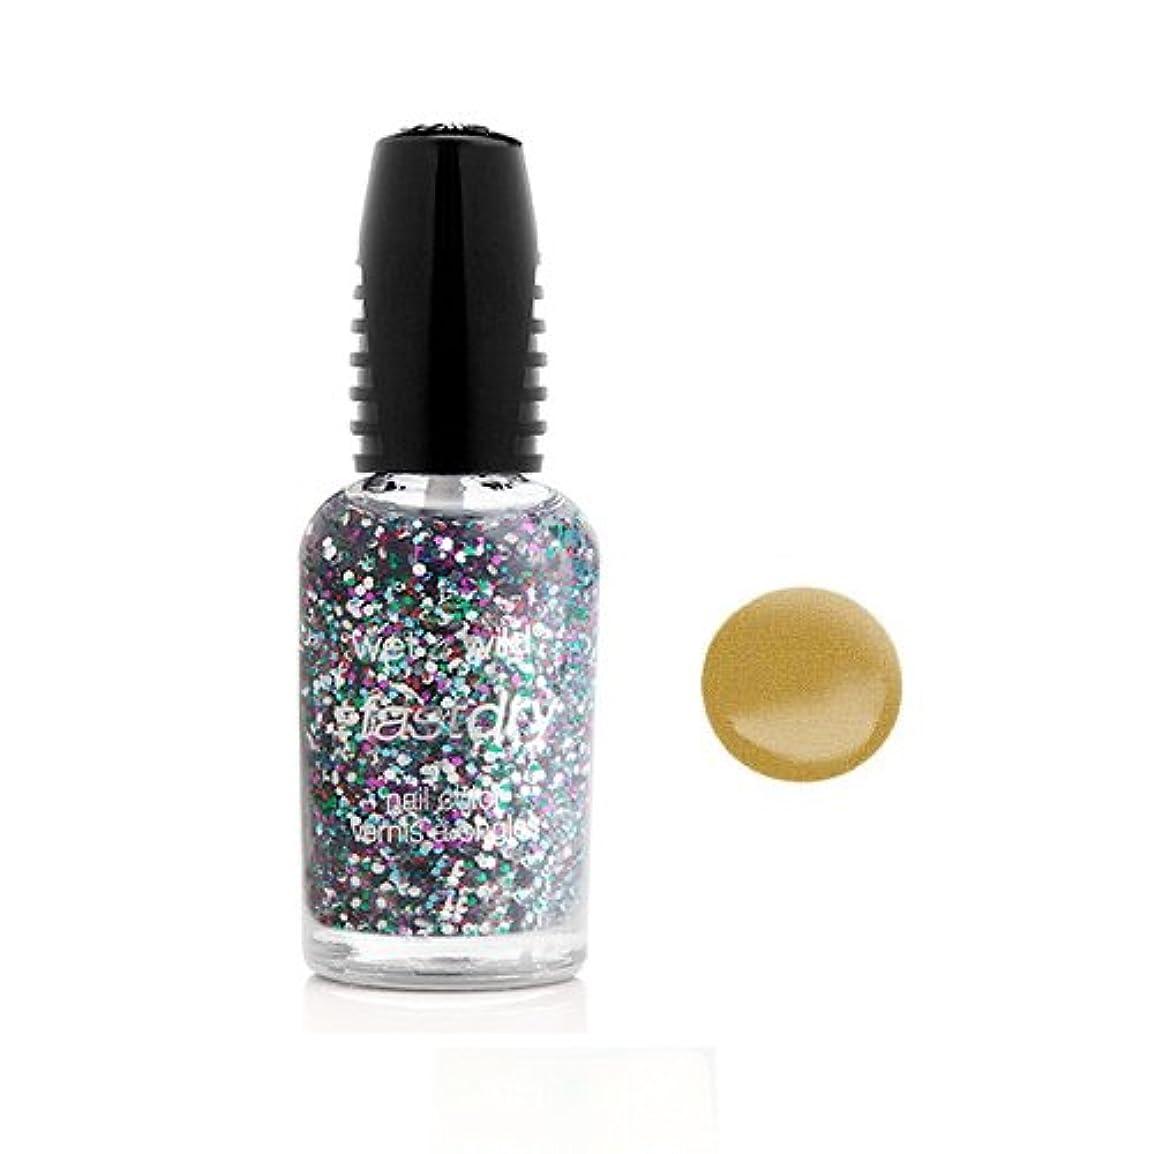 眠り傷つける乳剤WET N WILD Fastdry Nail Color - The Gold & the Beautiful (並行輸入品)